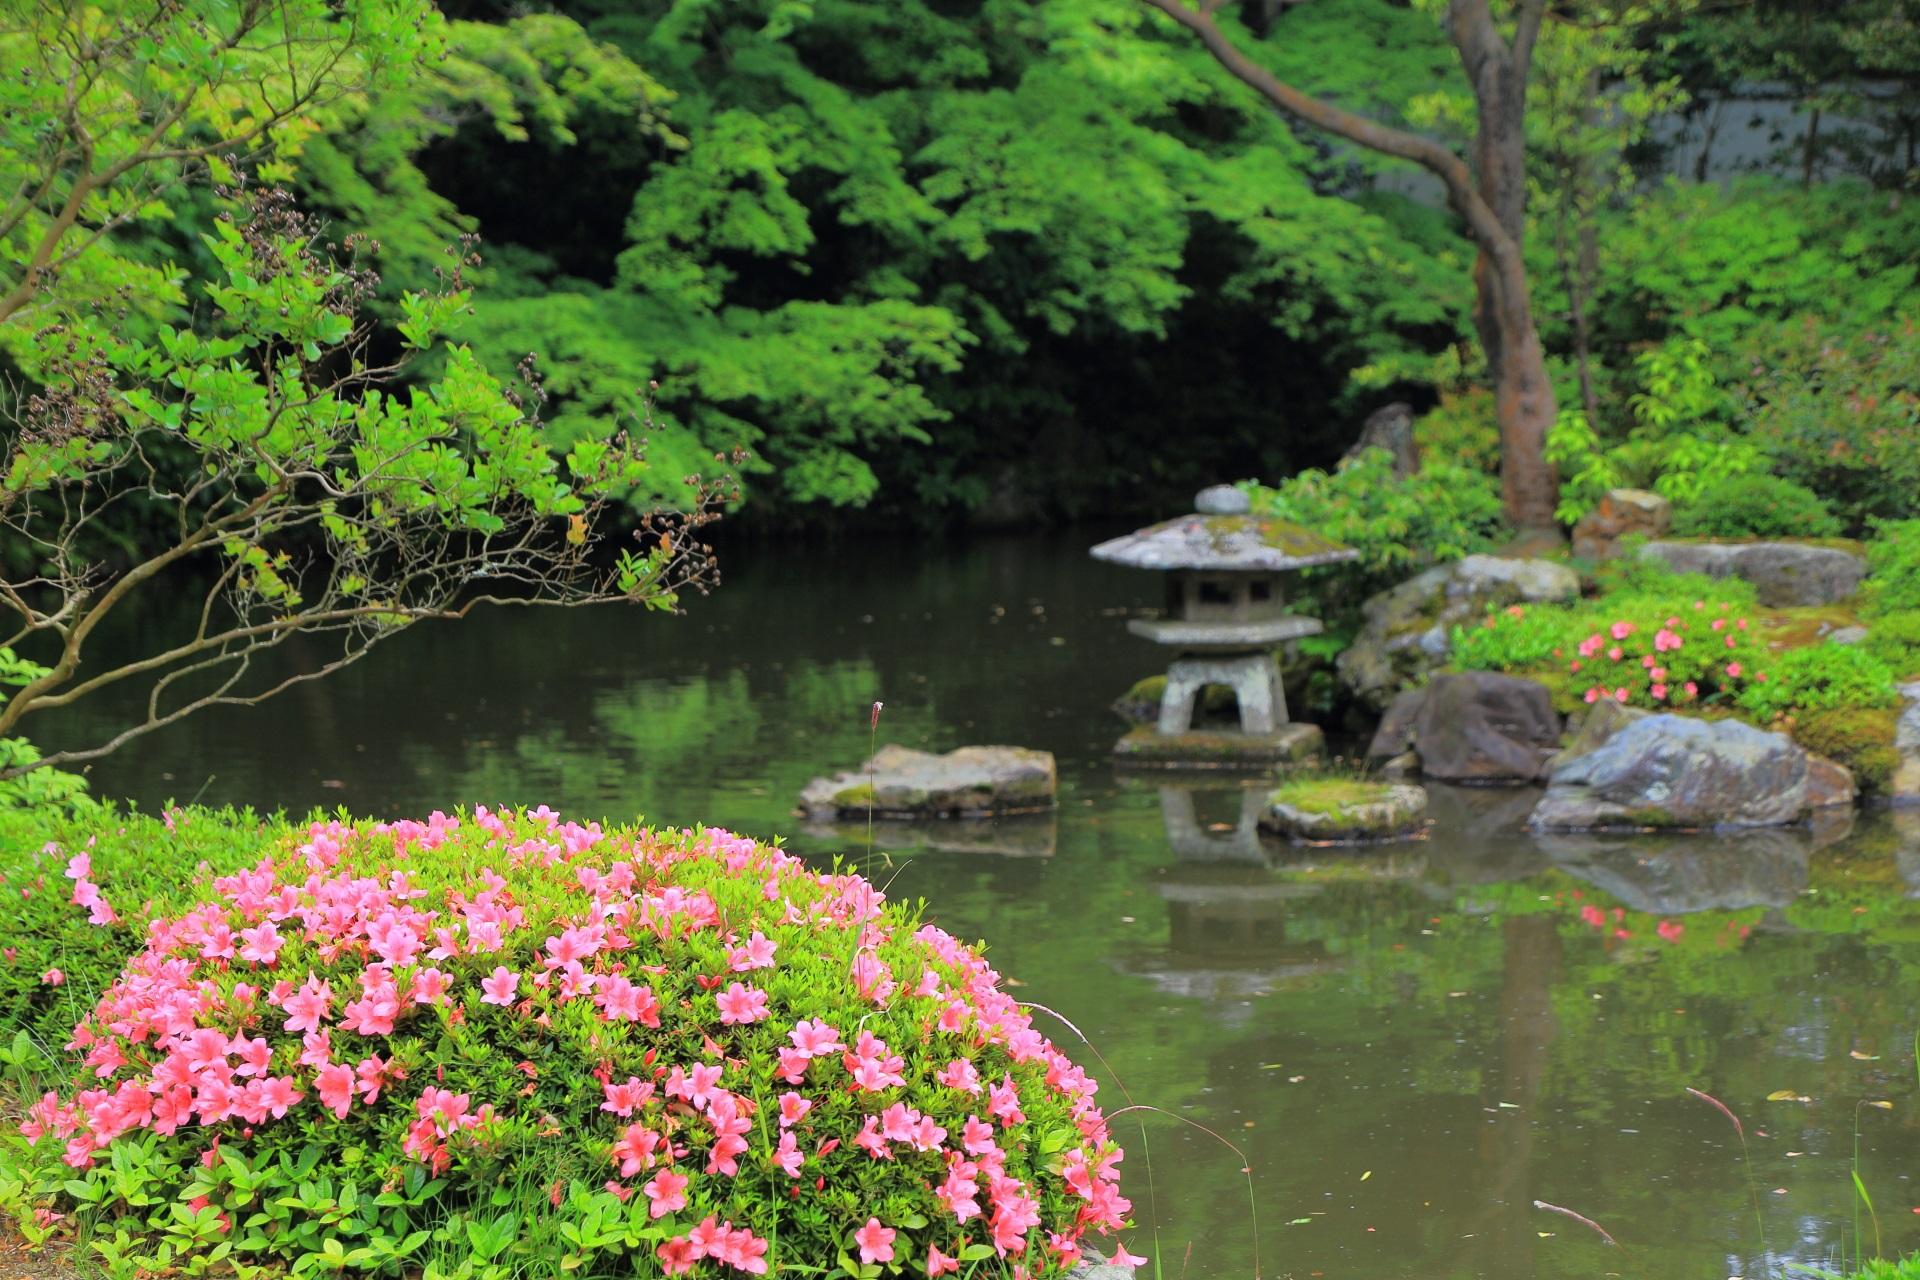 サツキが華やかに咲く大方丈前の庭園